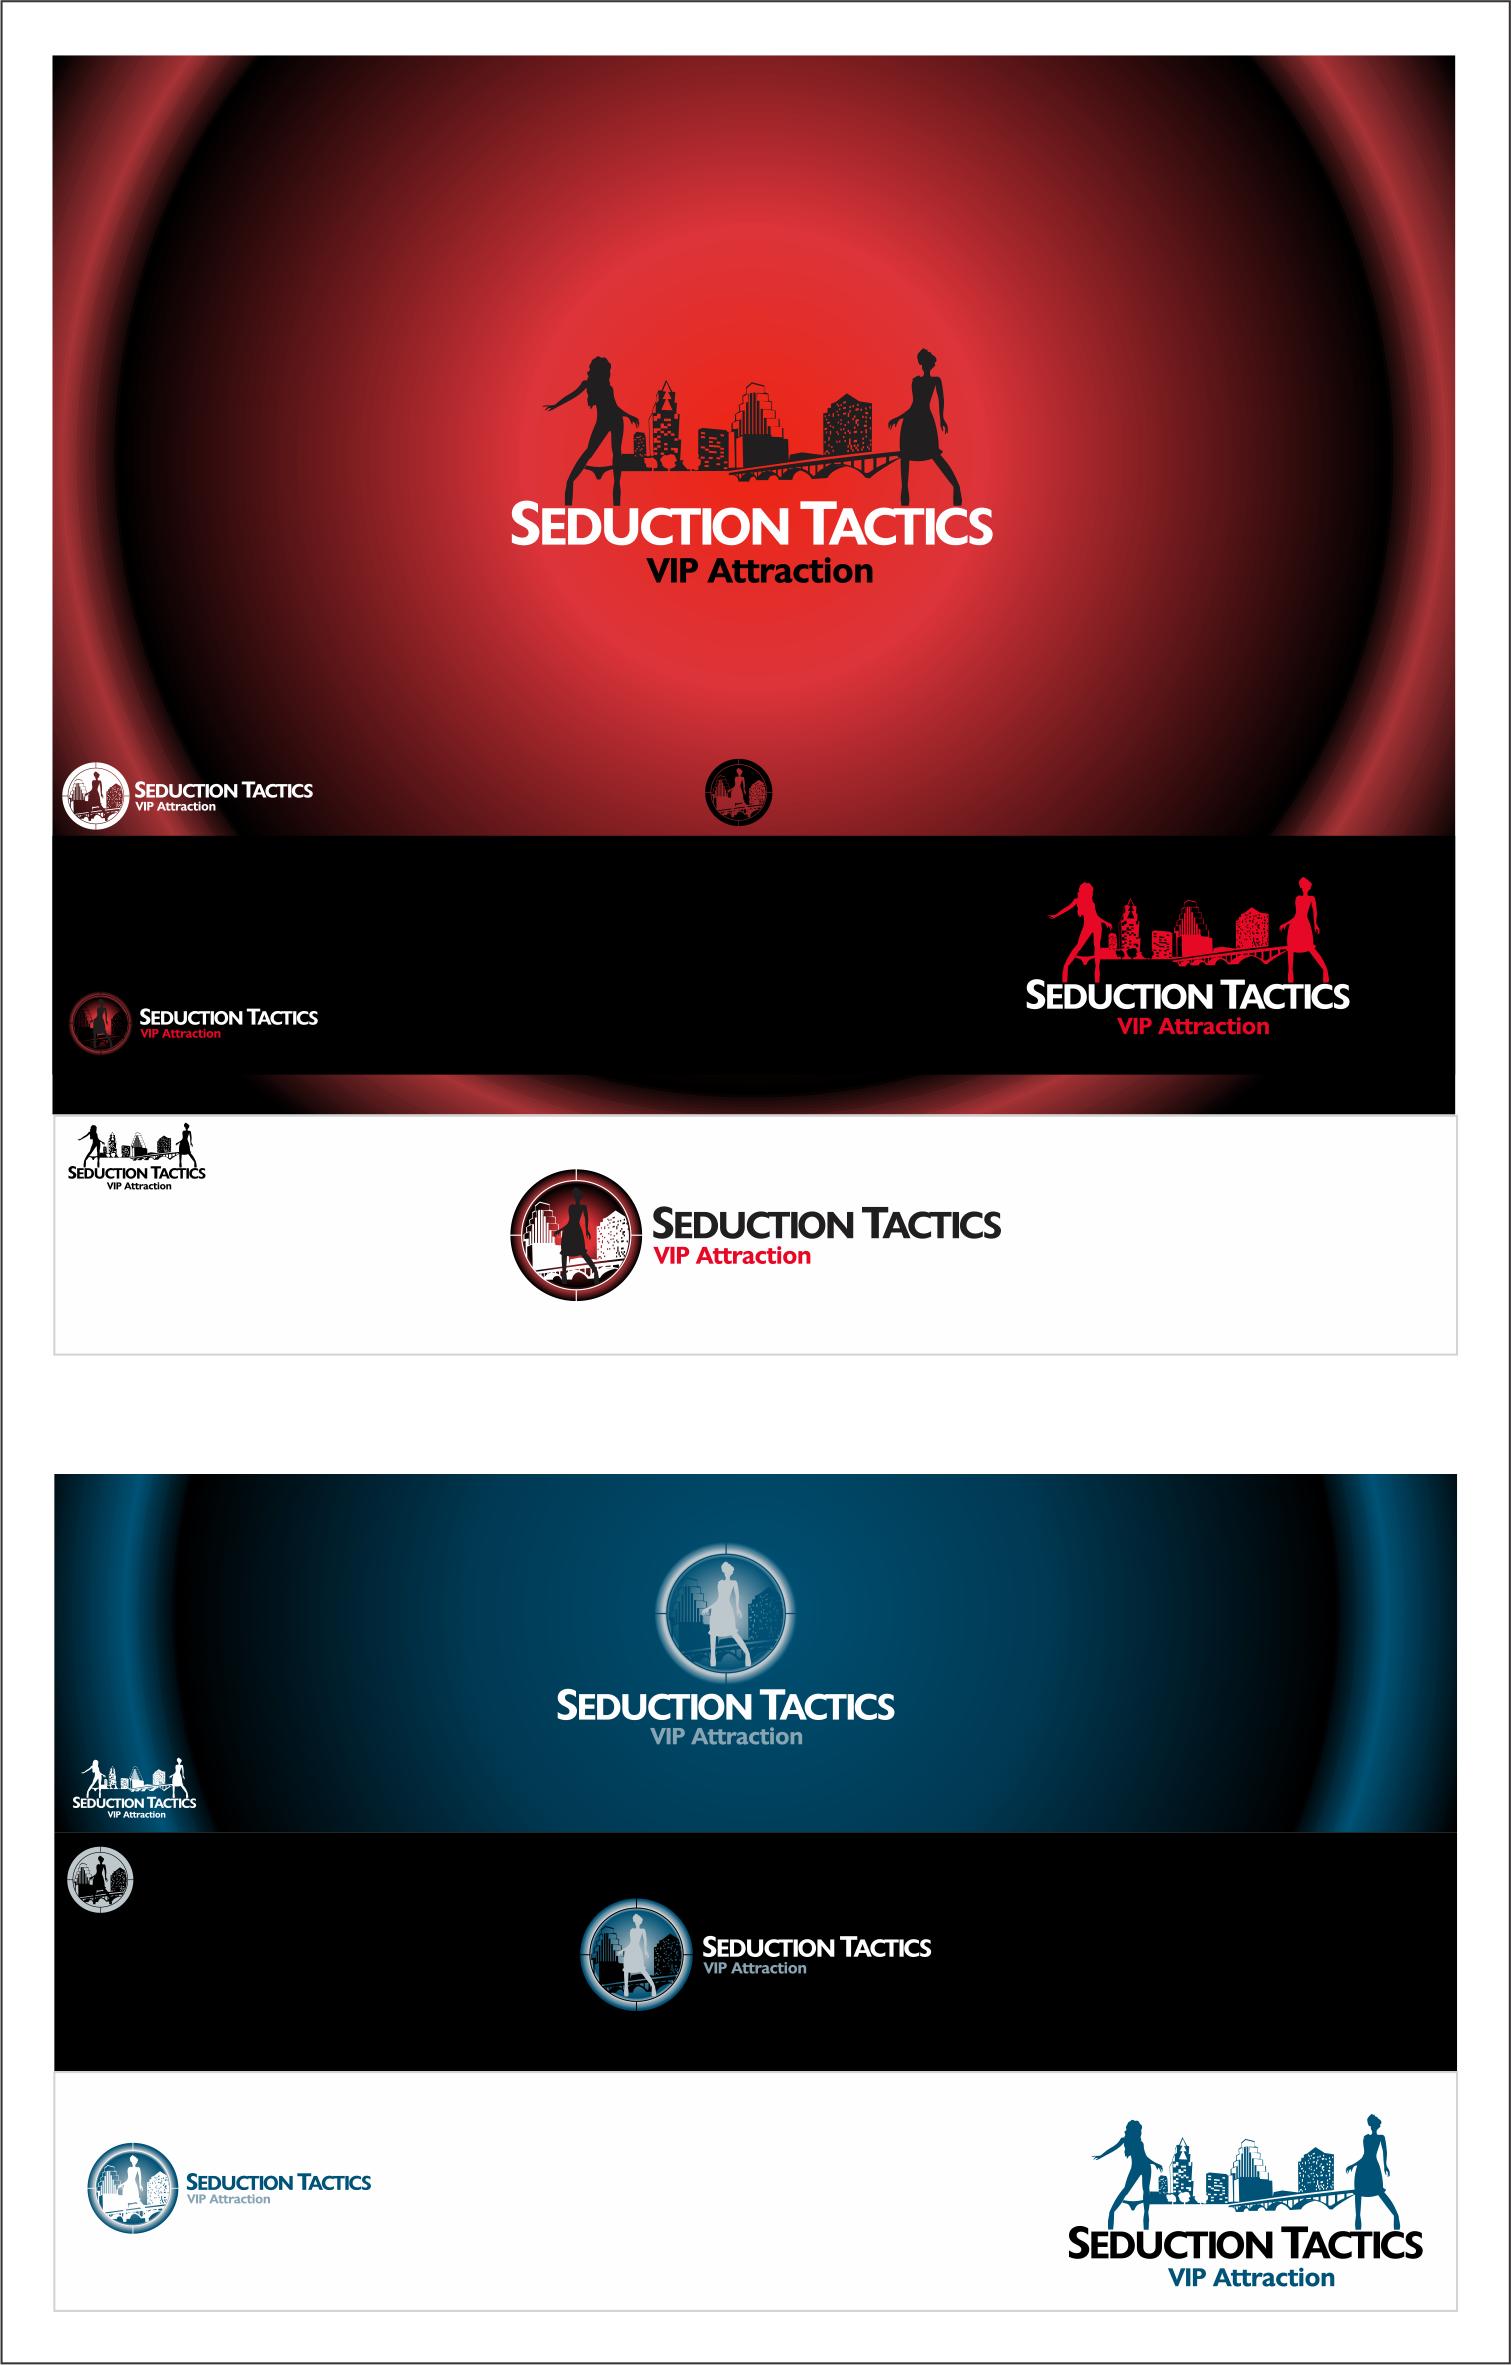 SeductionTactics   (VIP Attraction) needs a new logo